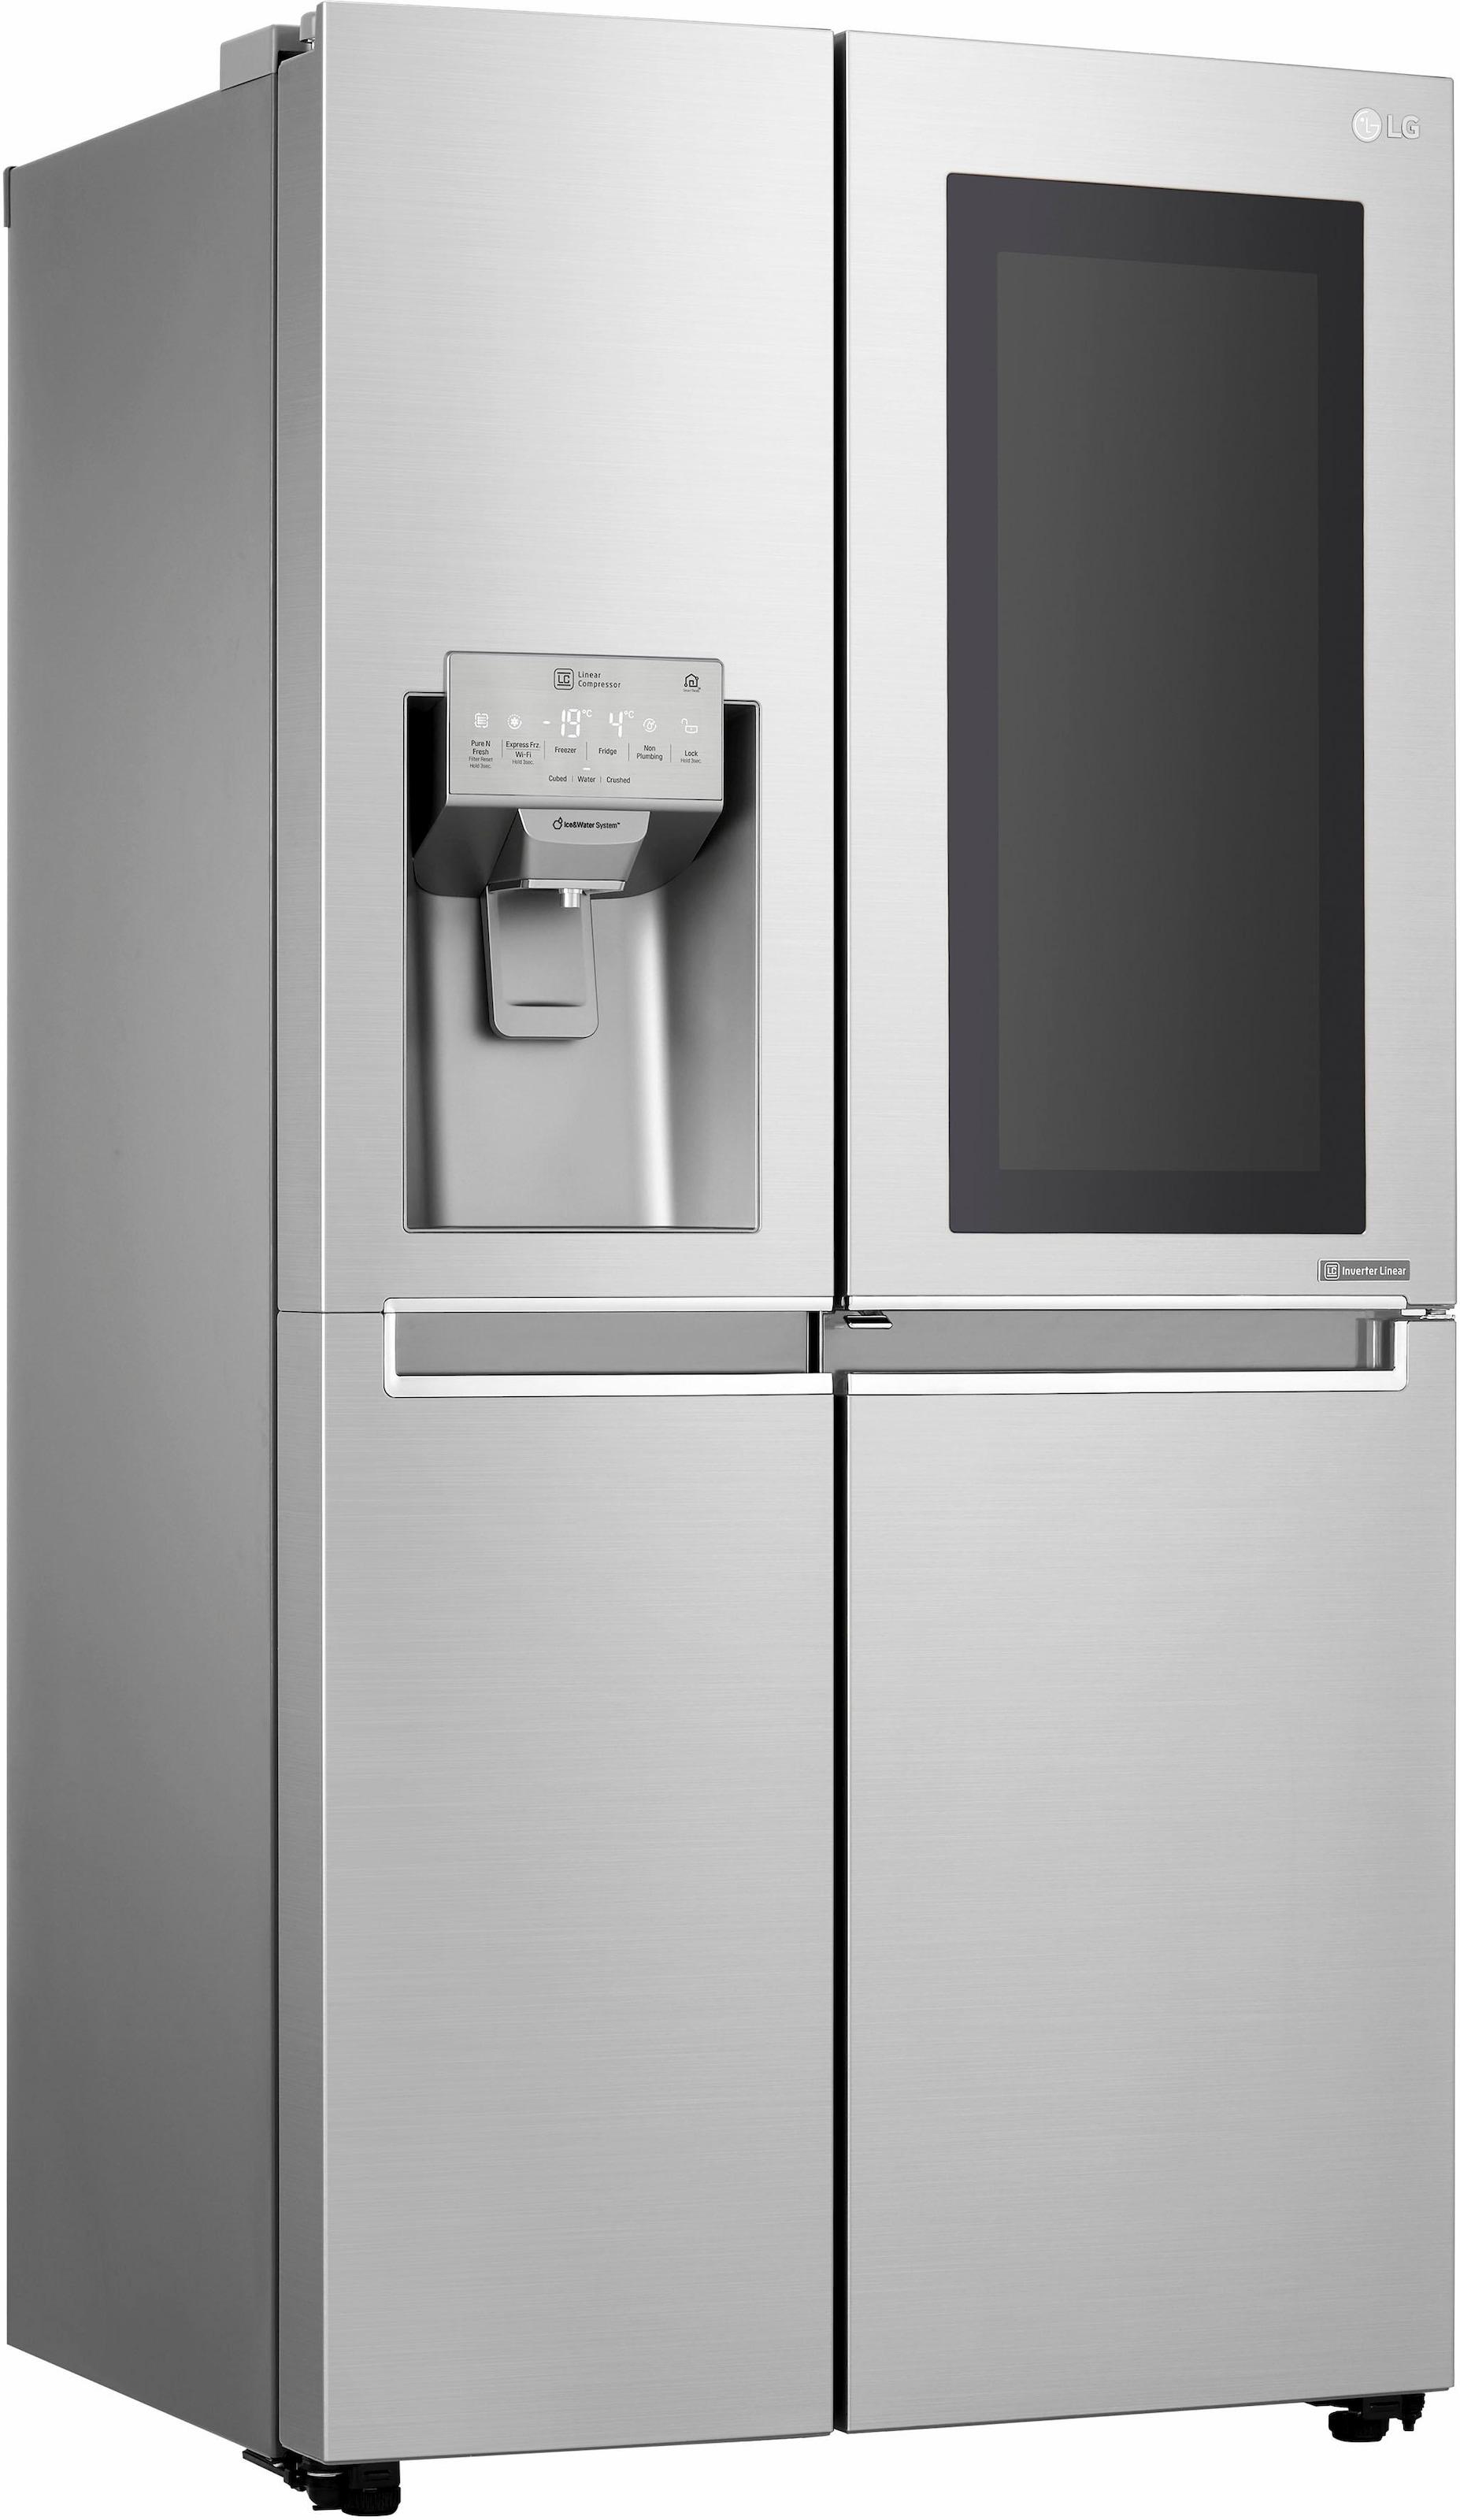 Amerikanischer Kühlschrank Von Lg : Side by side kühlschrank auf rechnung raten kaufen